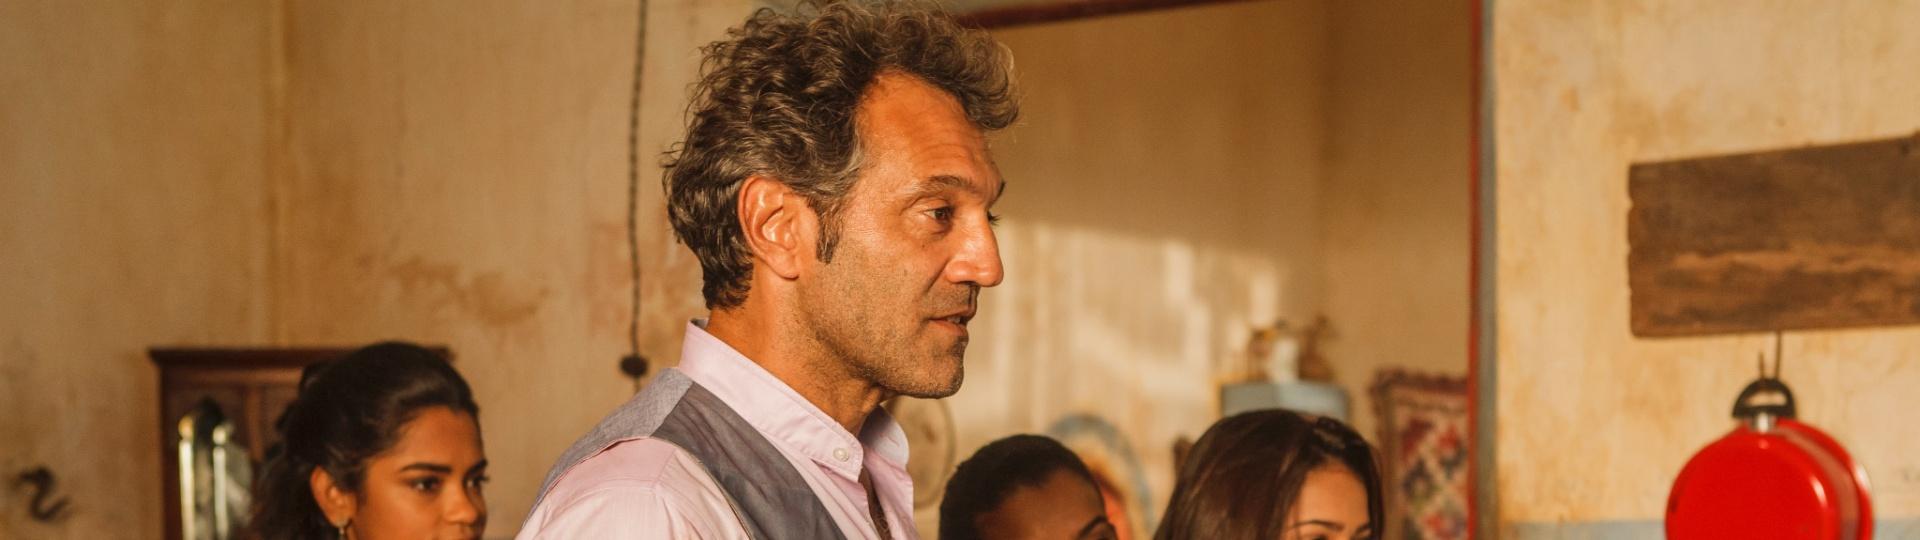 Domingos Montagner ainda não sabe como sera o final de seu personagem Santo, mas acha pouco improvável que ele não termine com Maria Tereza (Camila Pitanga)